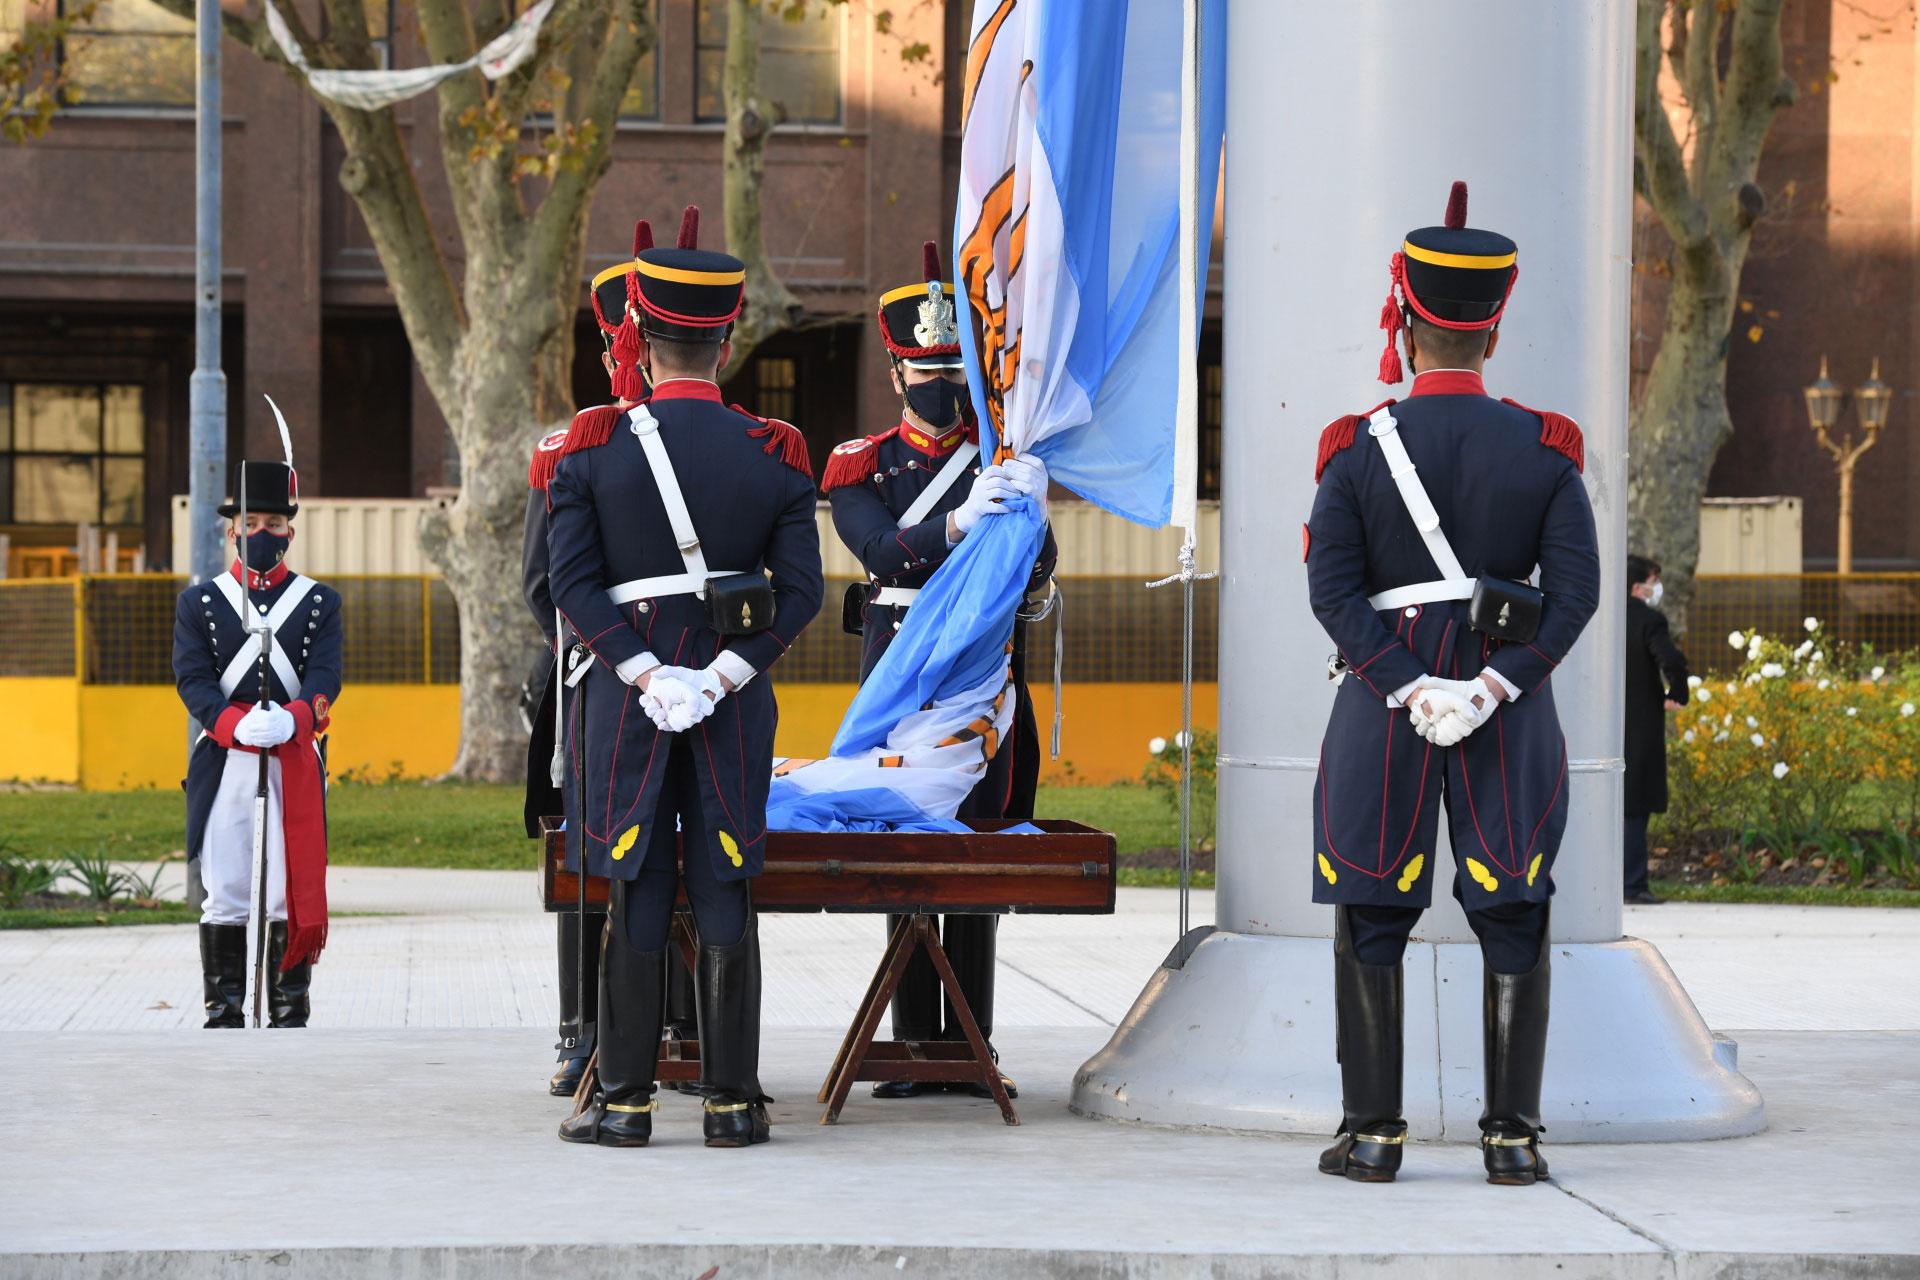 Los granaderos, a cargo de custodiar la bandera argentina